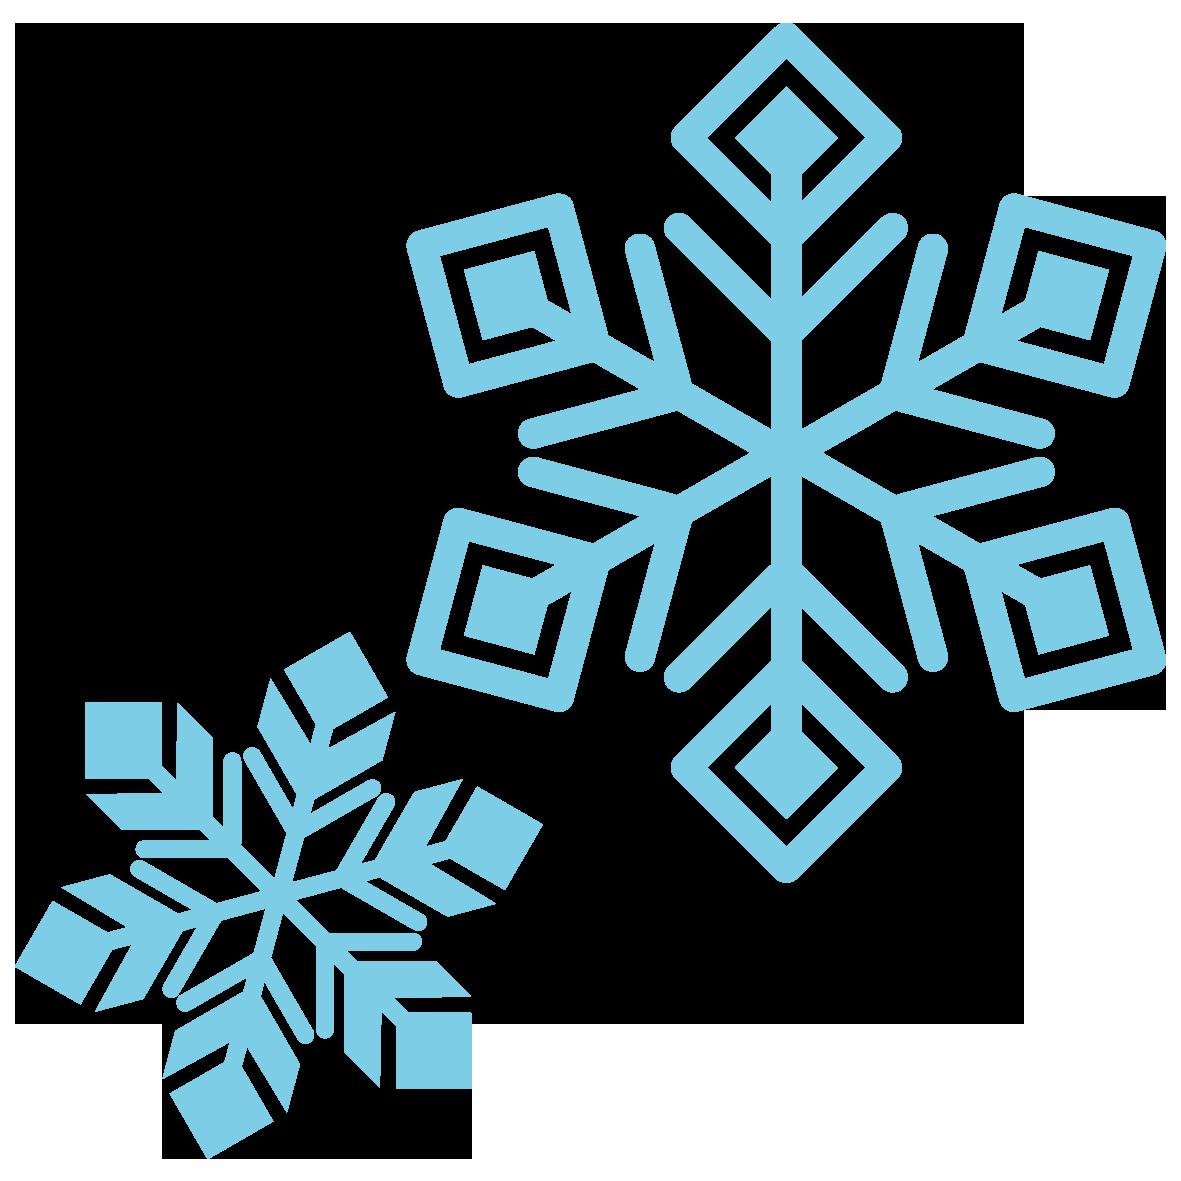 キラキラした雪の結晶」 - 無料イラスト愛